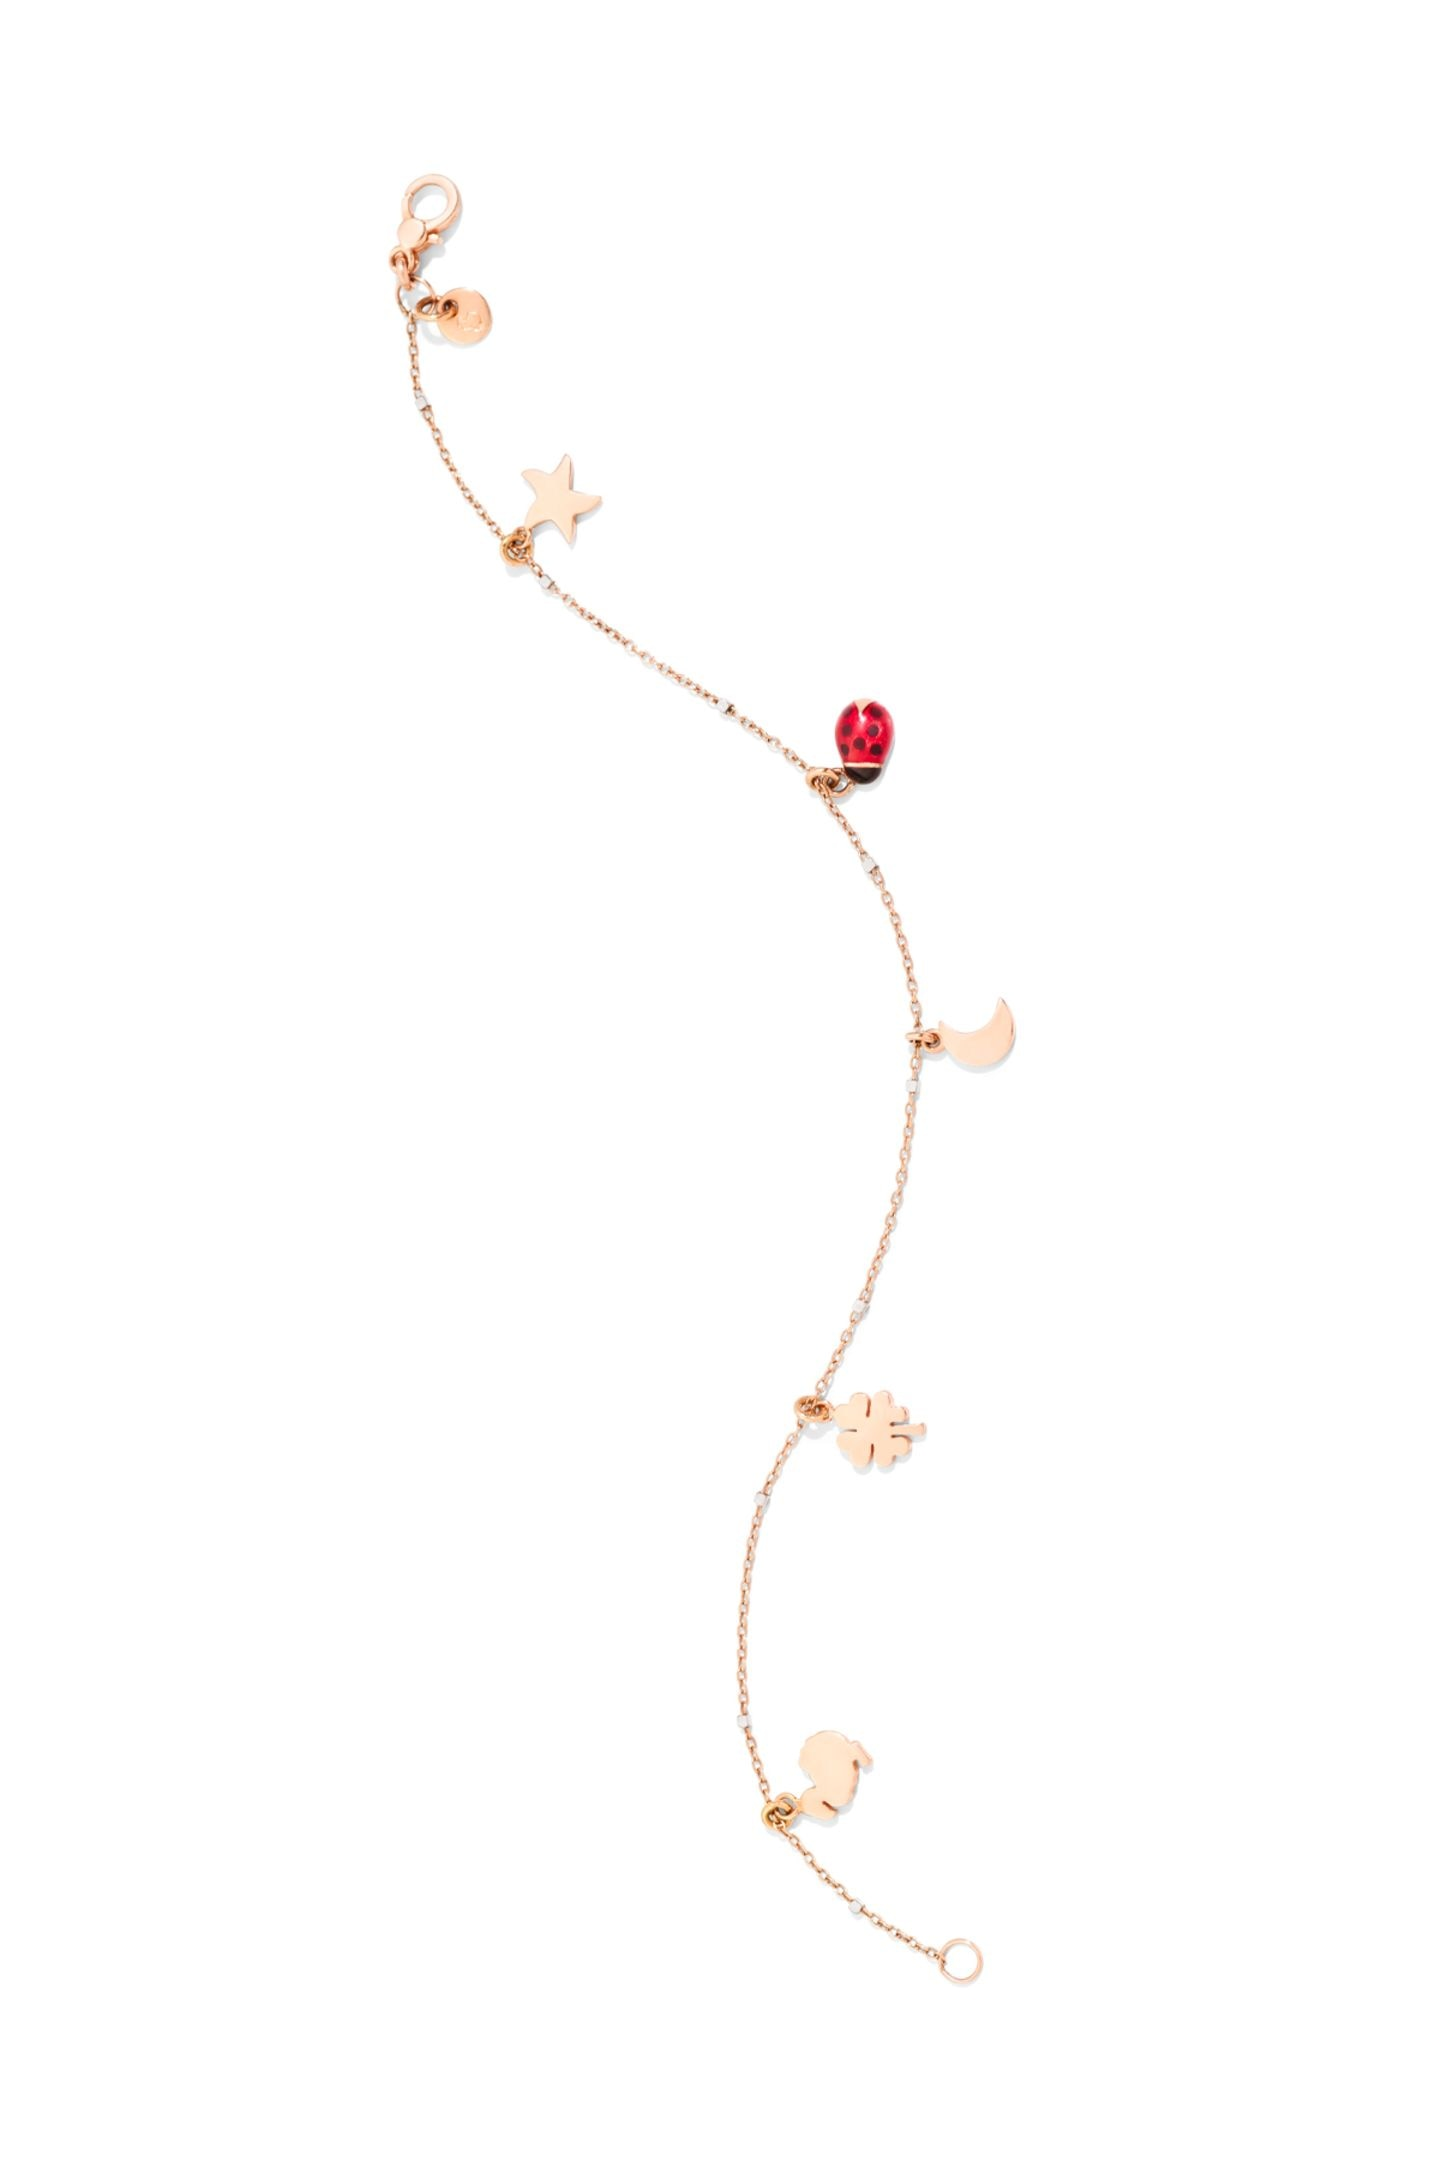 Dodo feiert 25-jähriges Jubiläum und beschenkt seine Fans mit zwei Neuinterpretationen der Ikonen Seestern, Kleeblatt, Marienkäfer, Mond und Dodo. Uns hat es vor allem das Armband aus Rosé- und Weißgold angetan. Ca. 450 Euro.